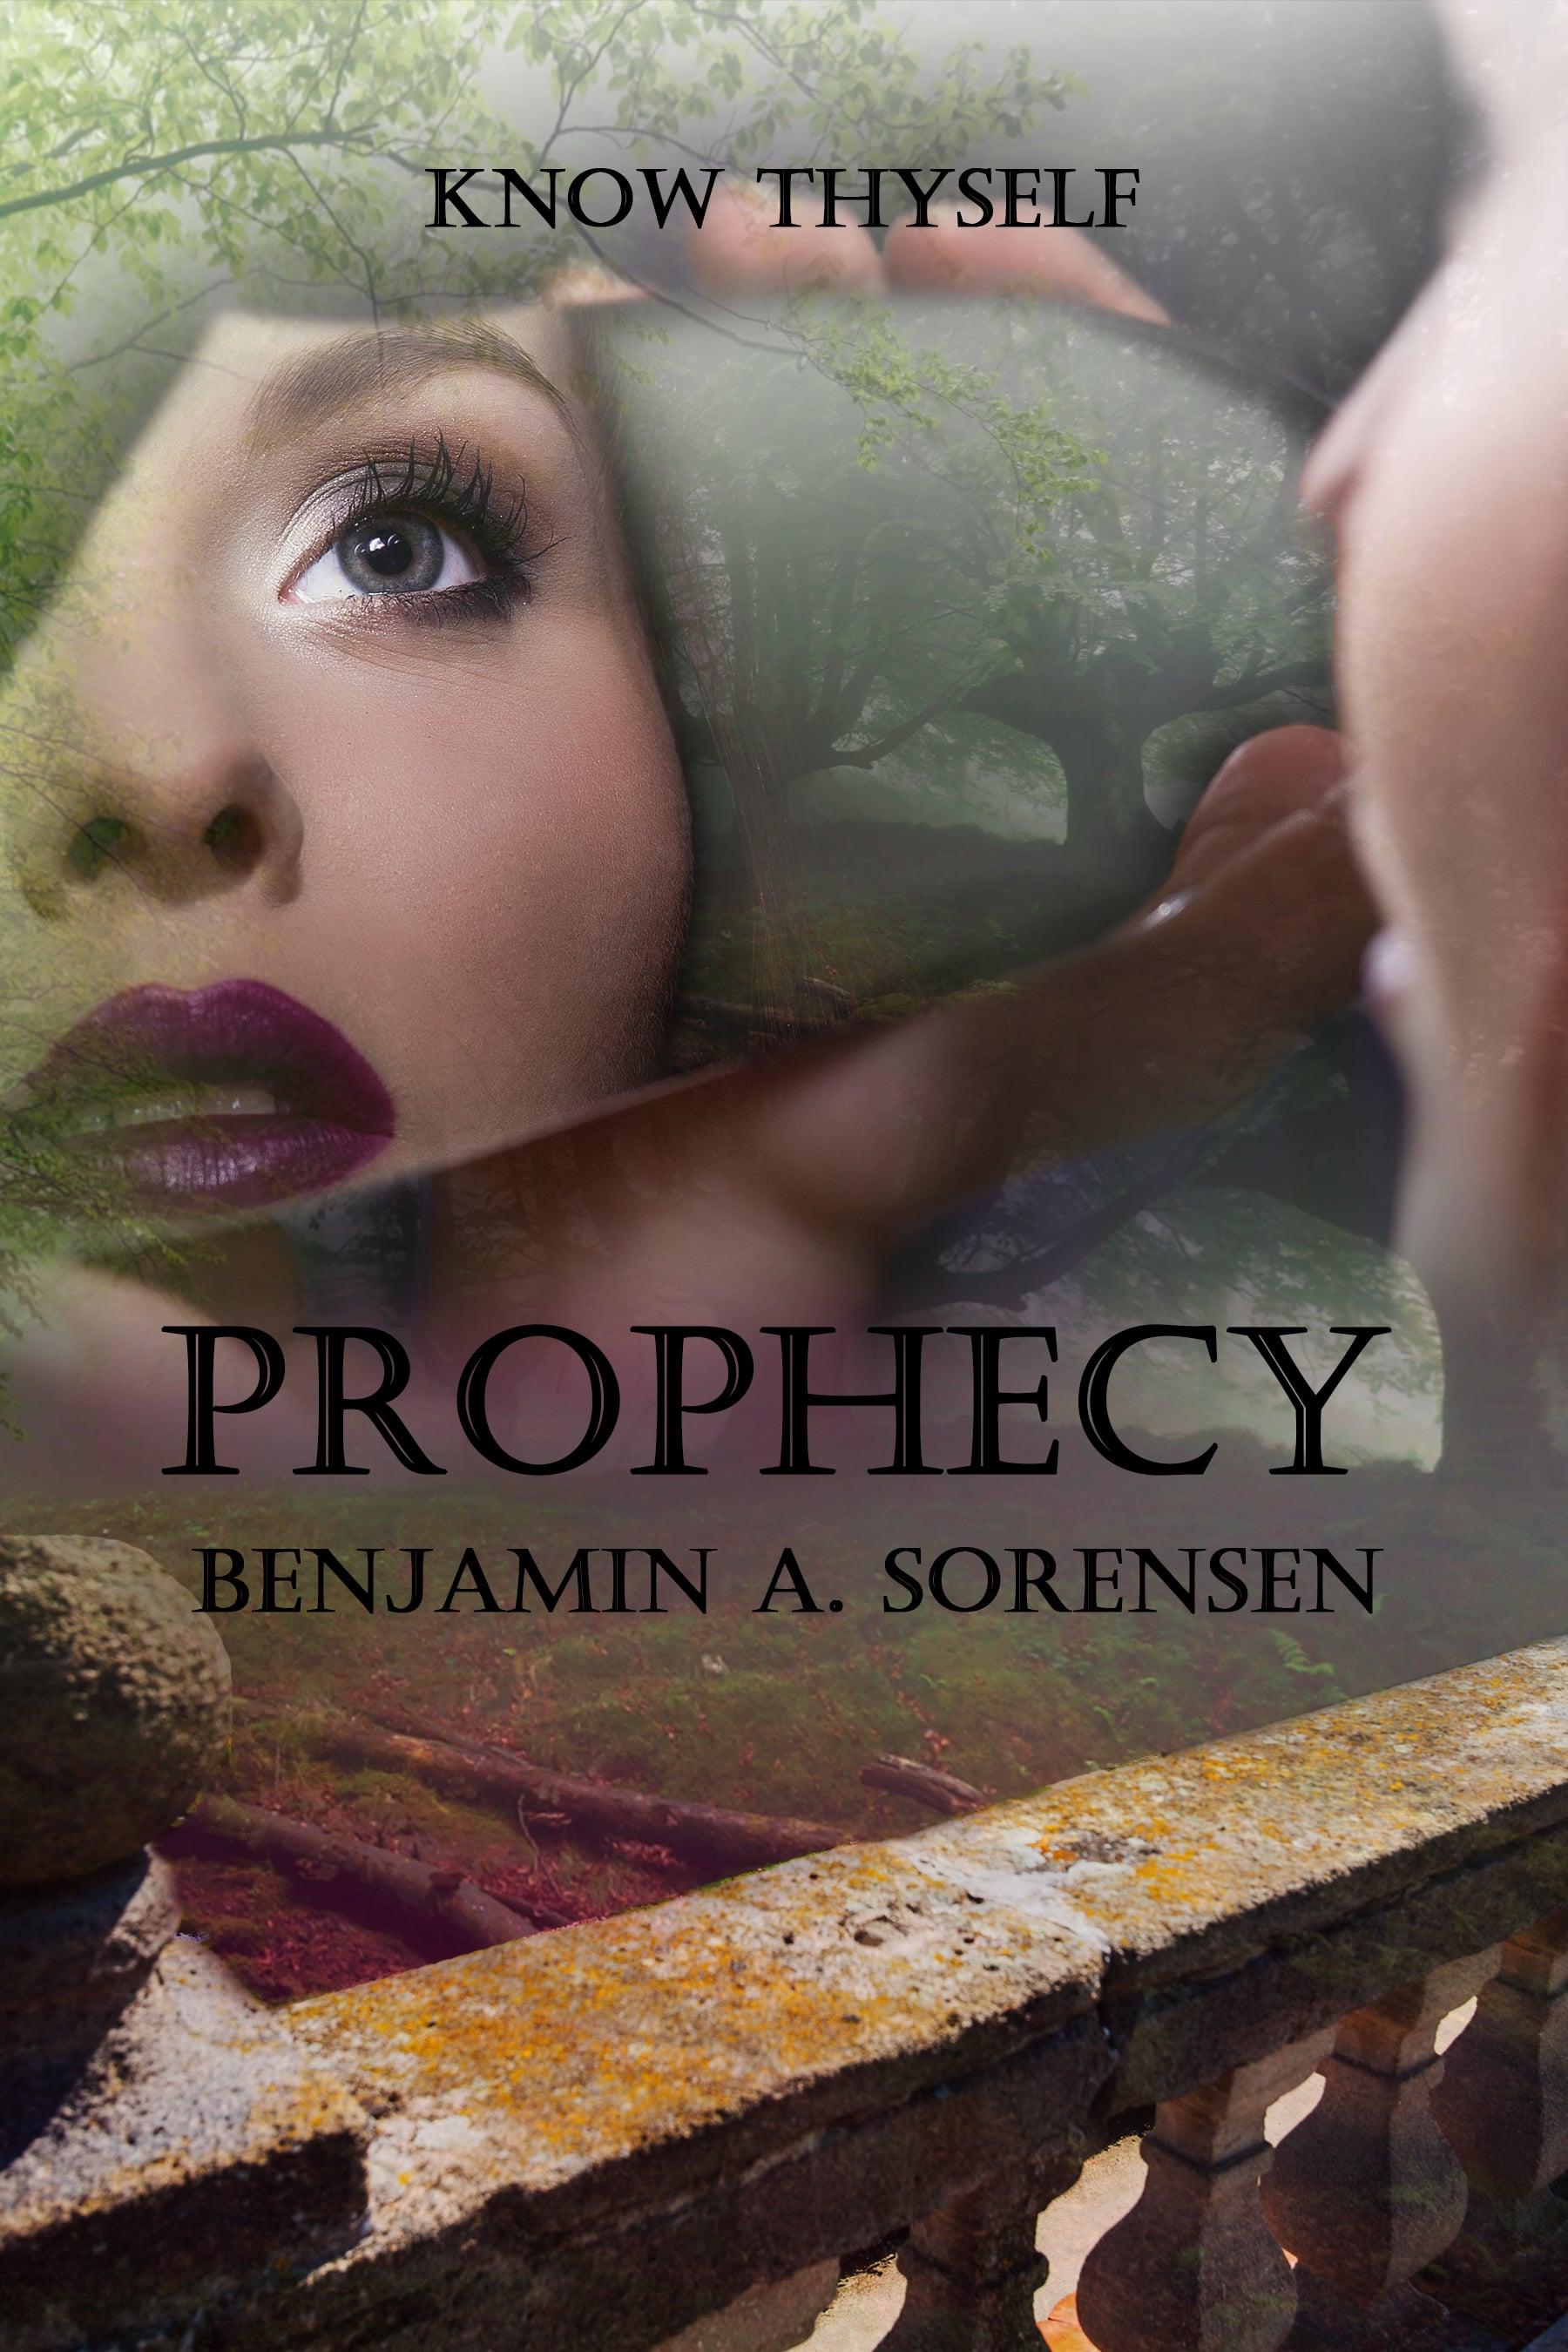 By Benjamin A. Sorensen